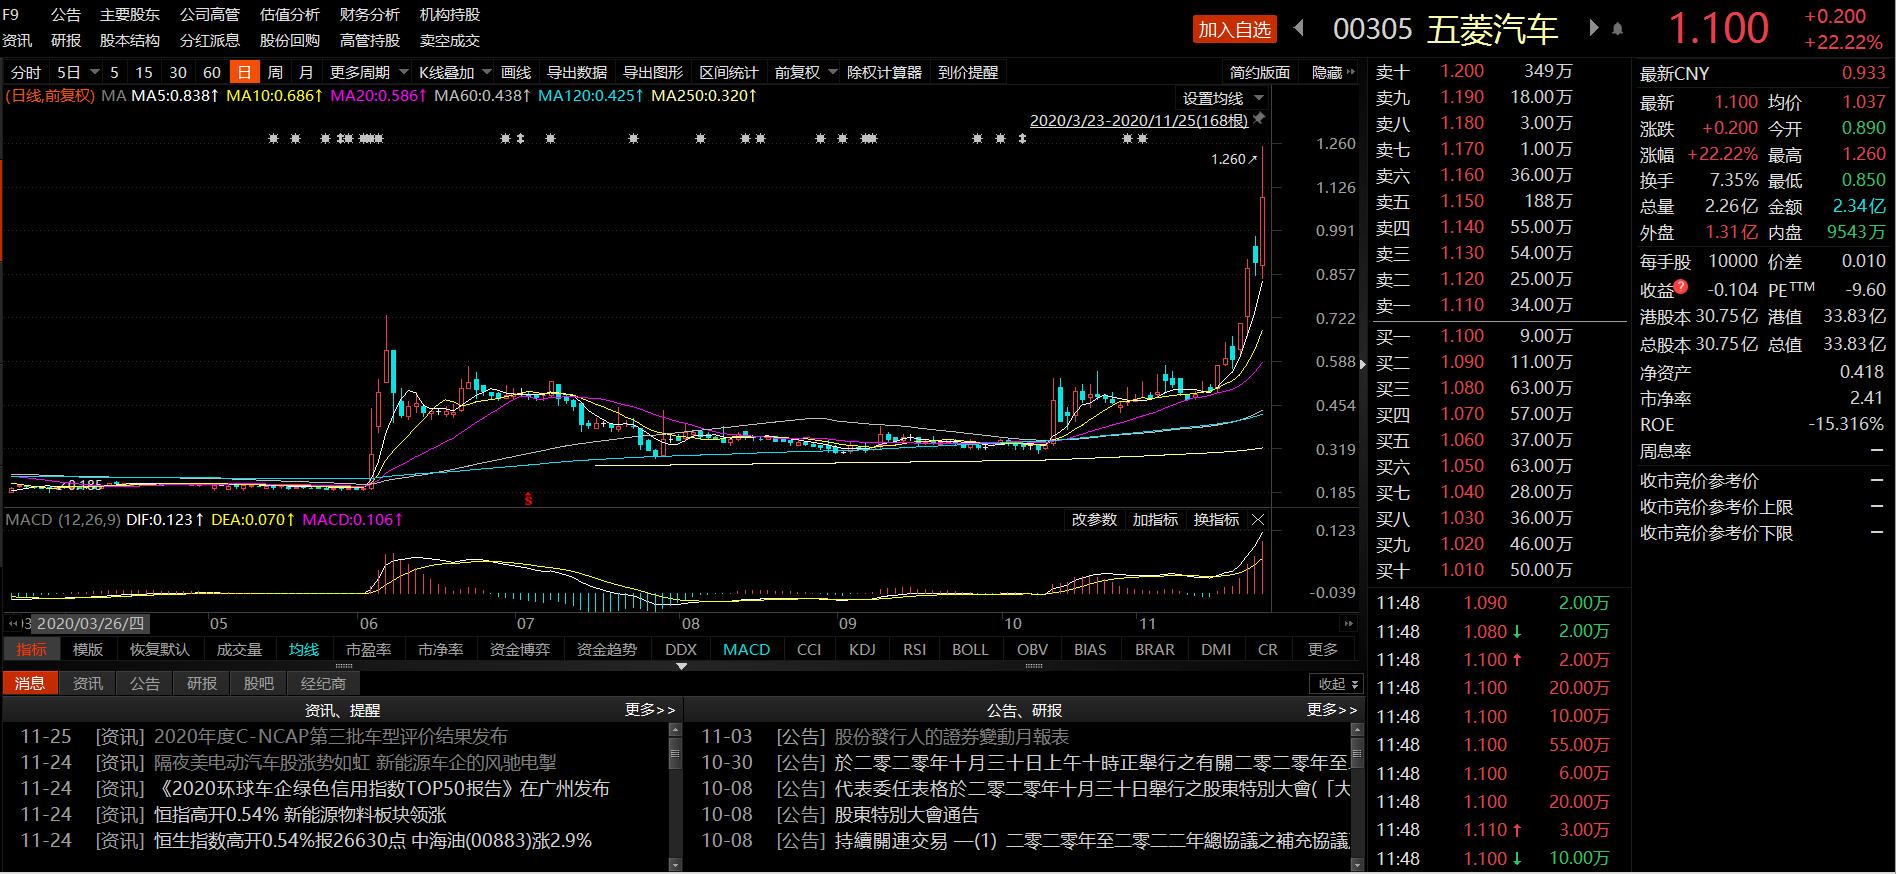 五菱汽车股价3日暴涨近60%,早盘再涨22.22%